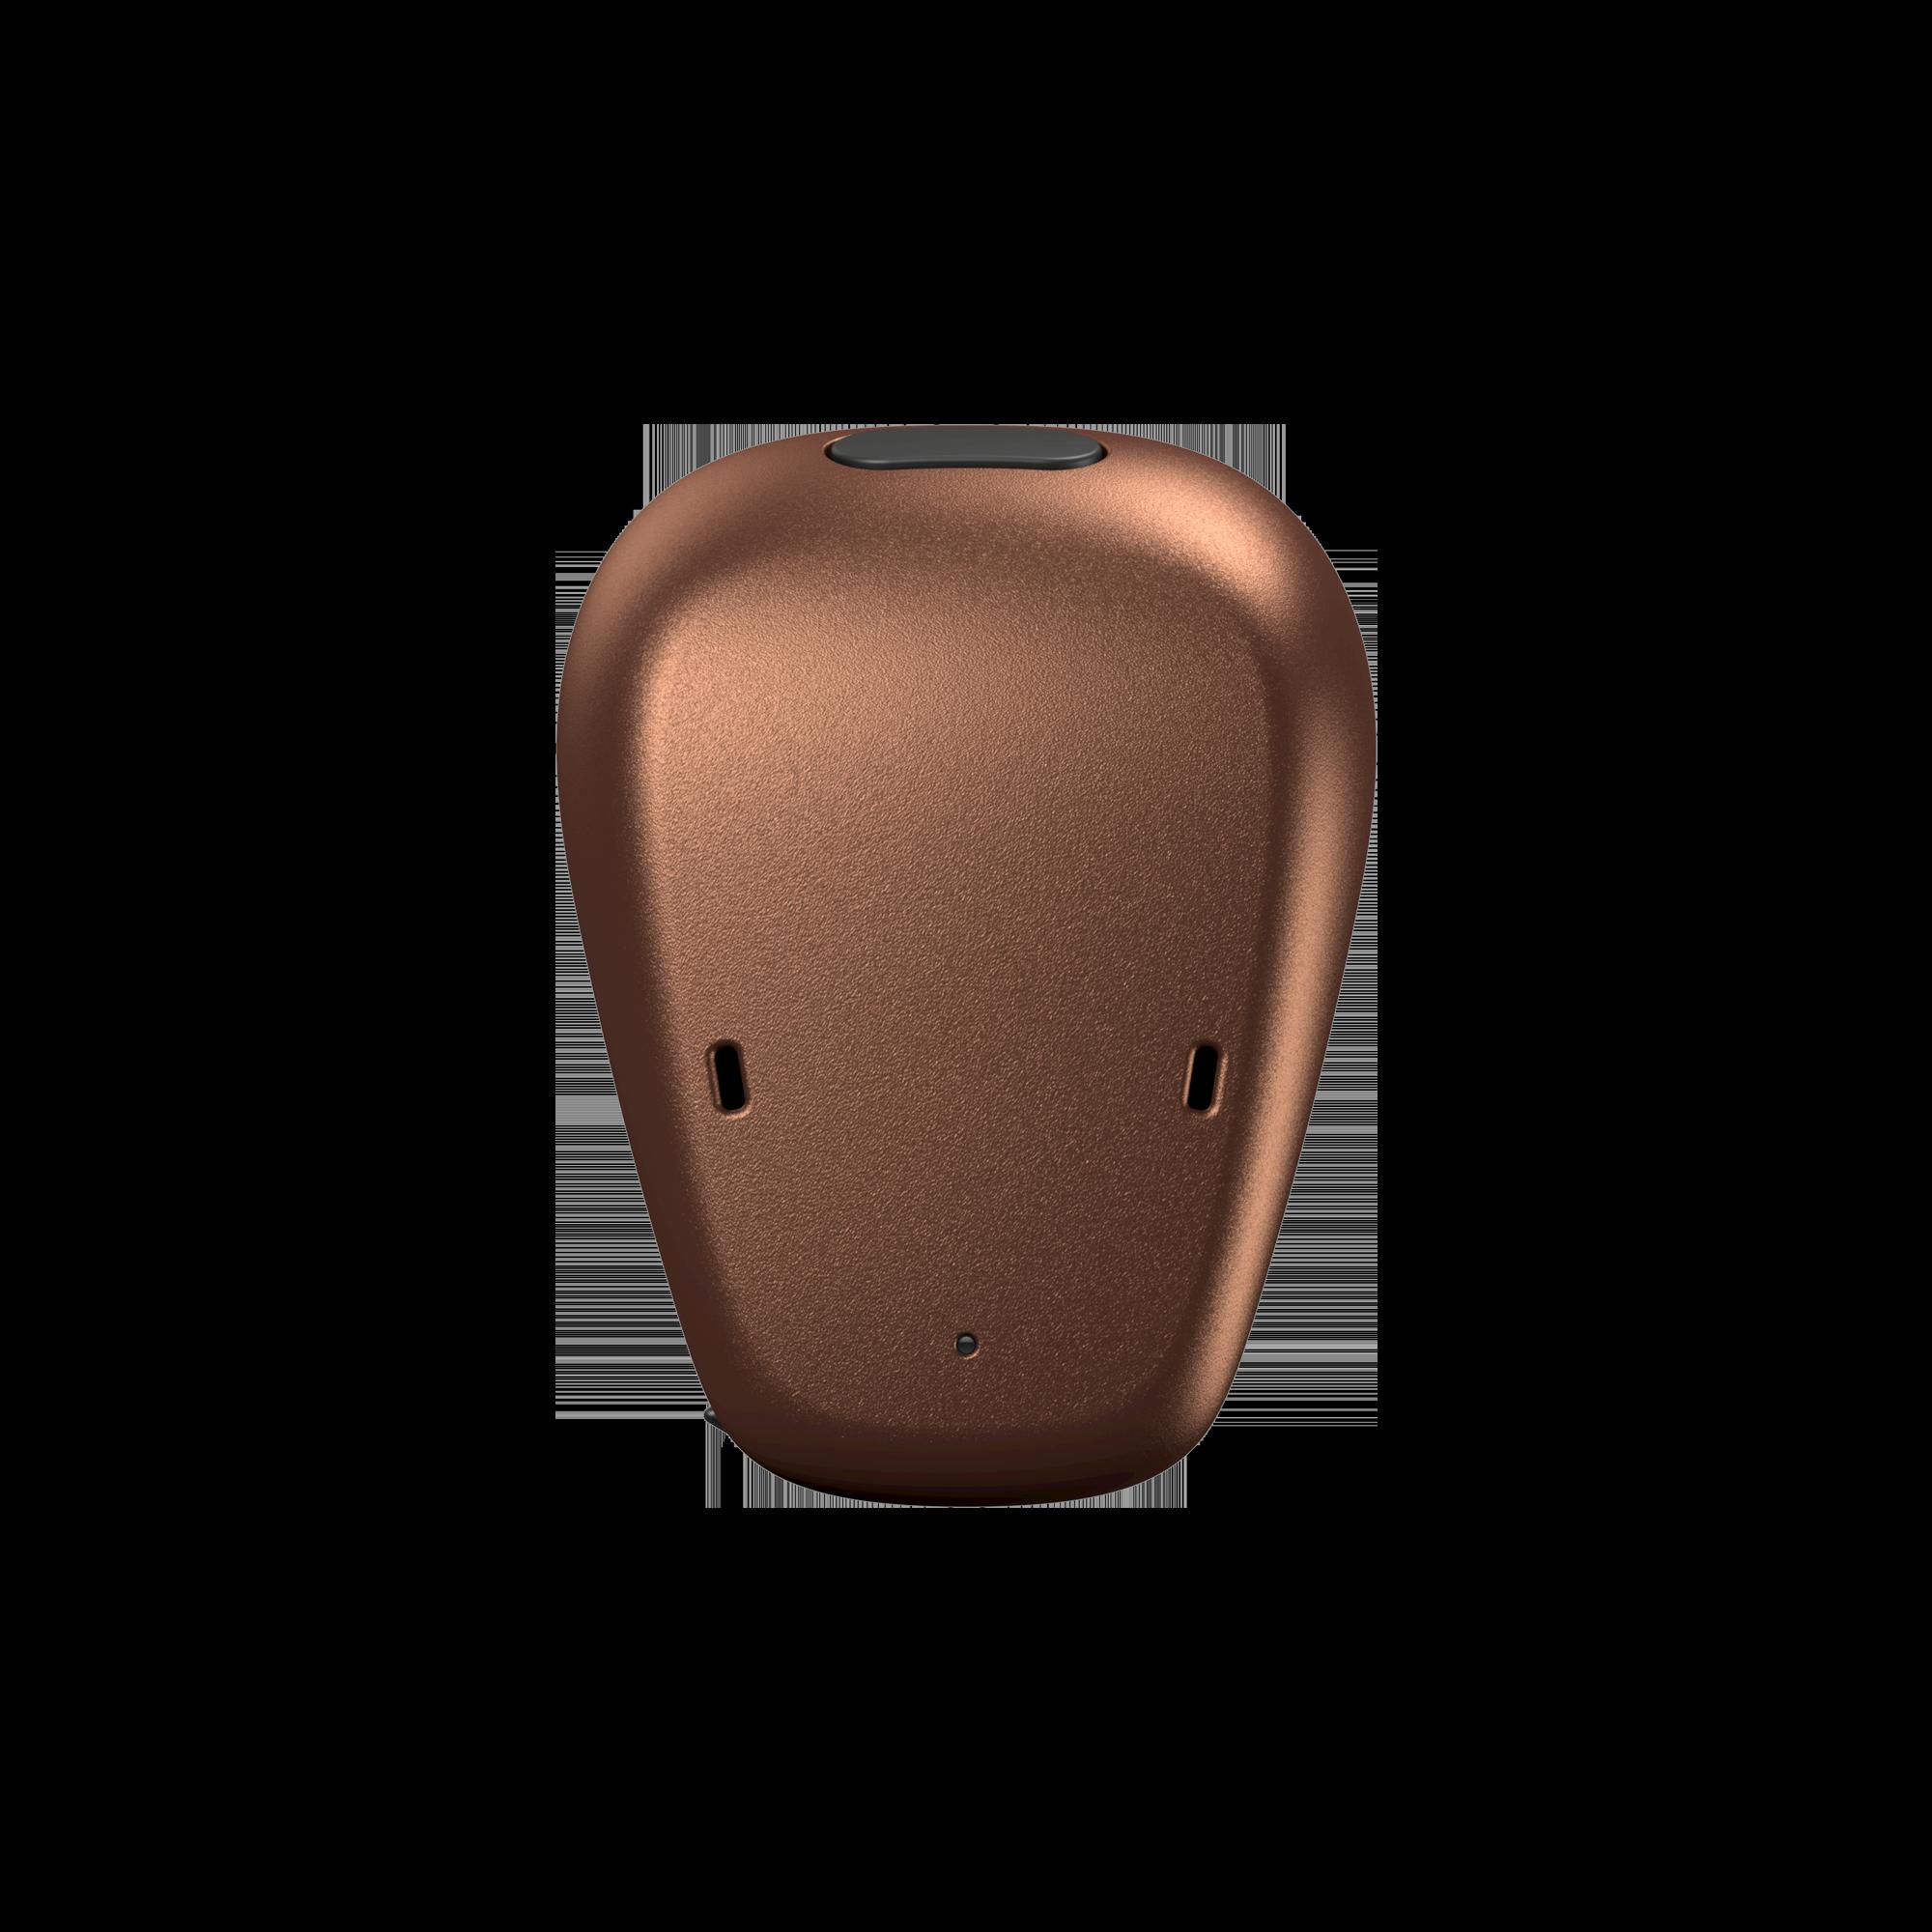 Baha6_ENV Front_Copper Front 2000x2000 Medium_res.png